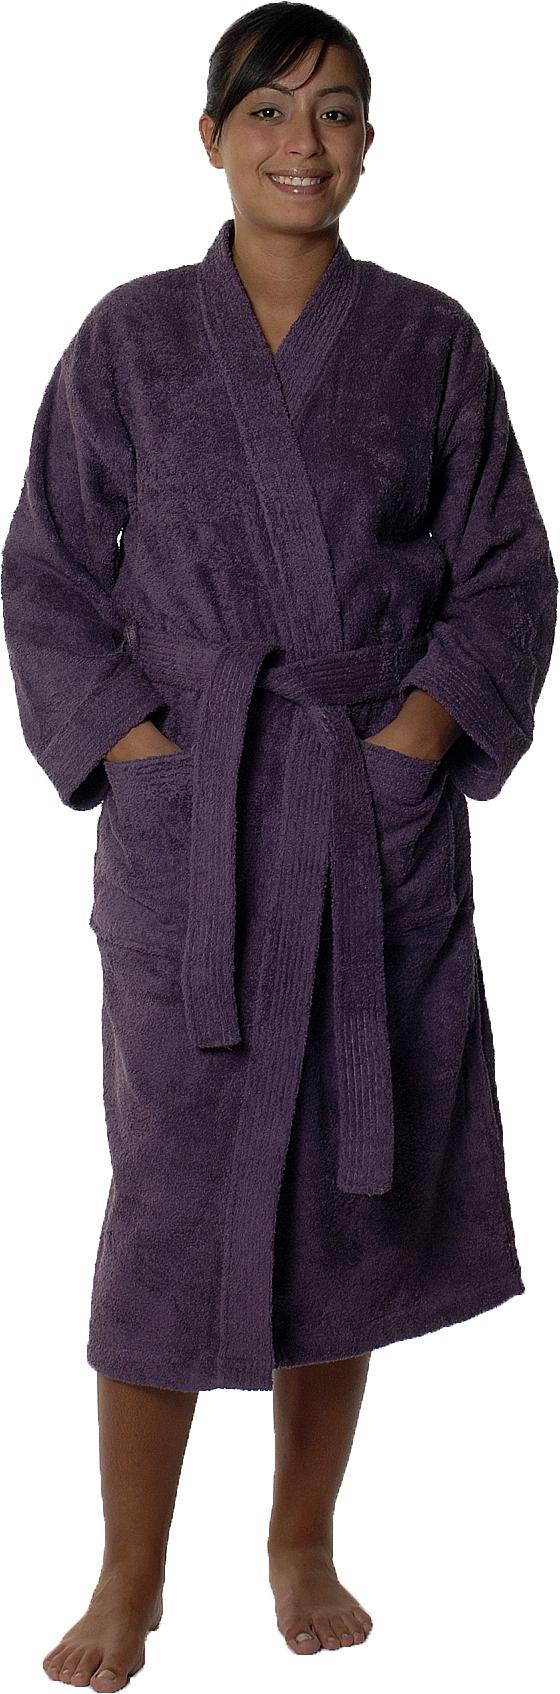 Peignoir col kimono en Coton couleur Myrtille Taille L (Myrtille)